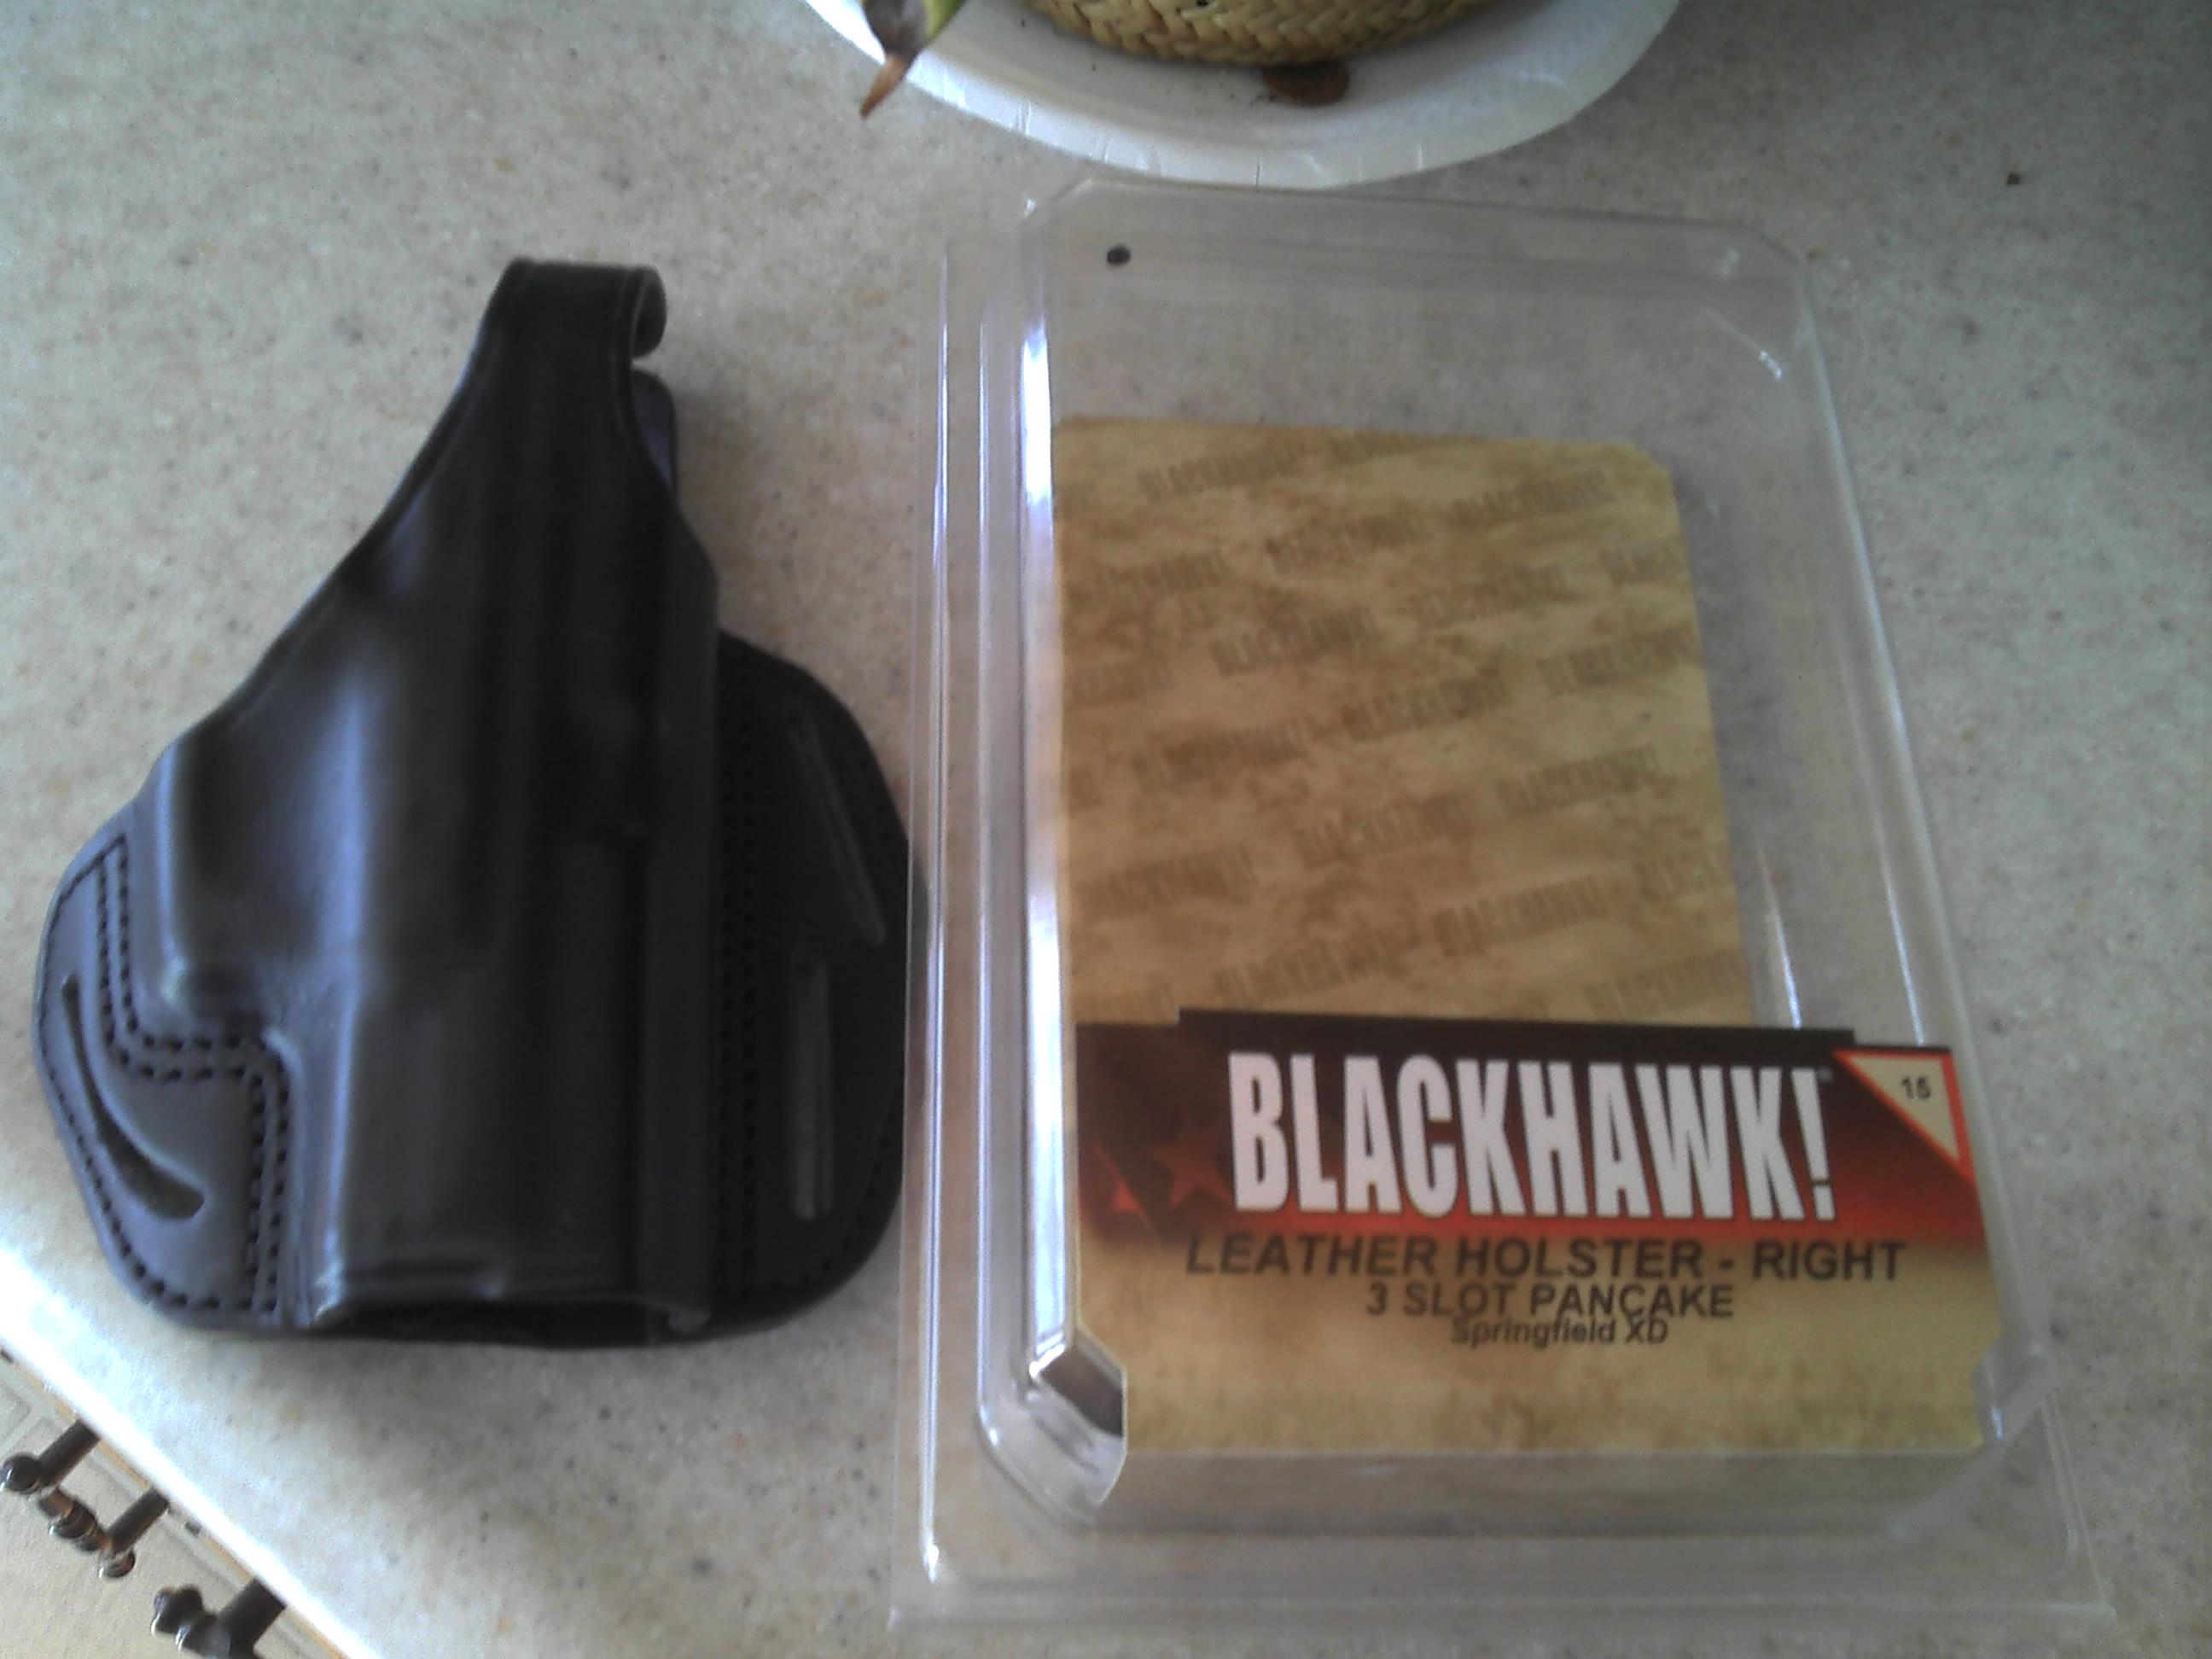 Blackhawk 3-Slot Holster for Springfield XD - Kentucky-holster-2.jpg